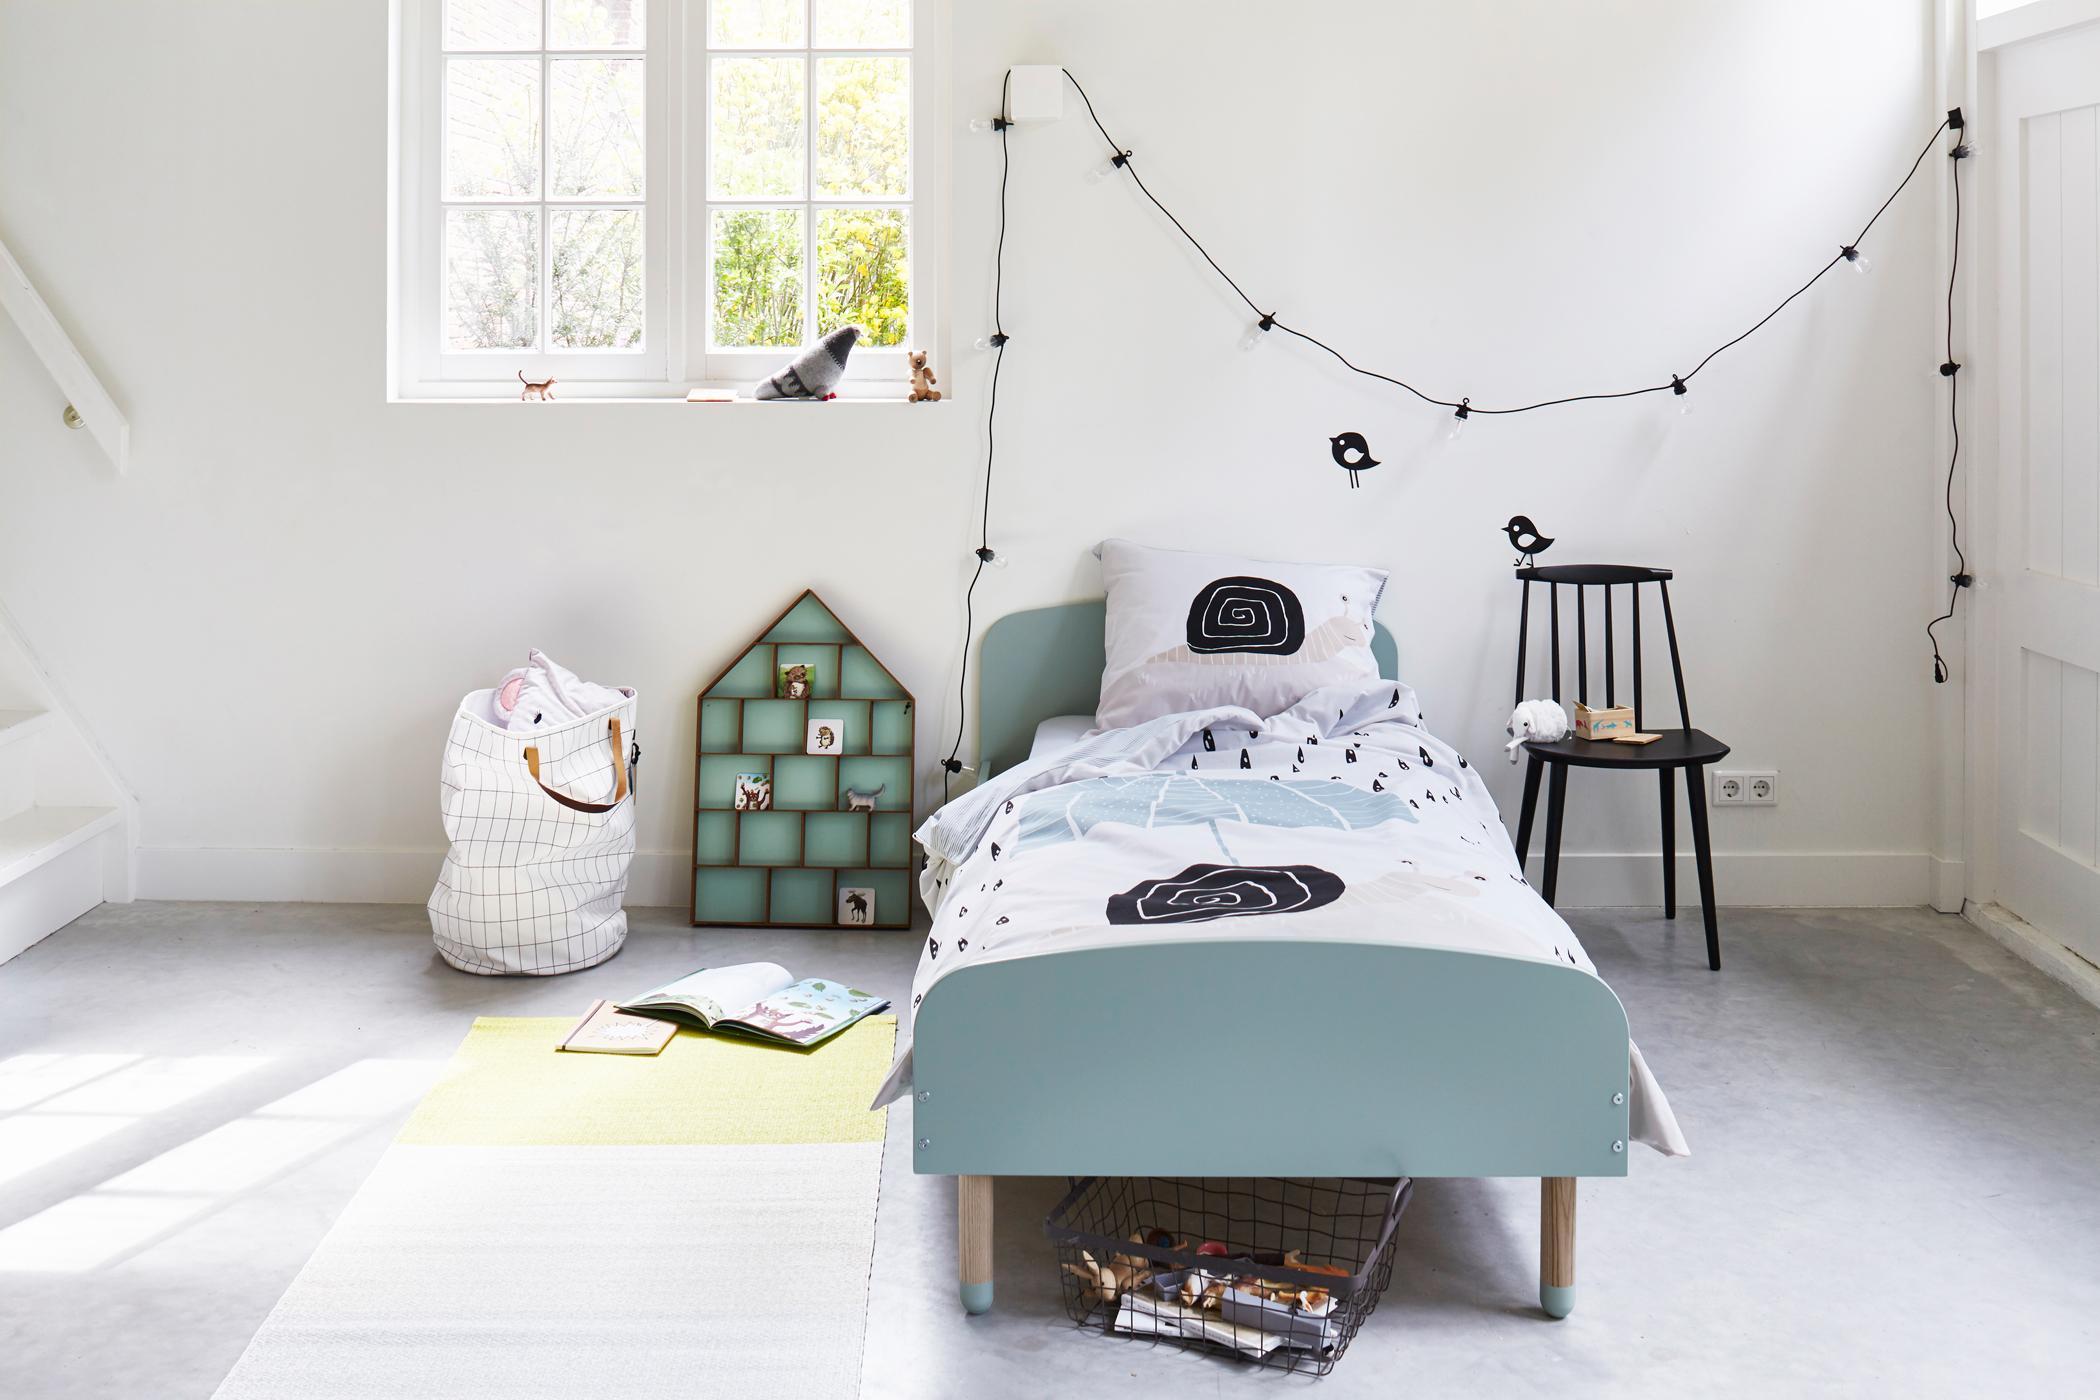 Kinderbett • Bilder & Ideen • COUCHstyle | {Kinderzimmer bett 93}